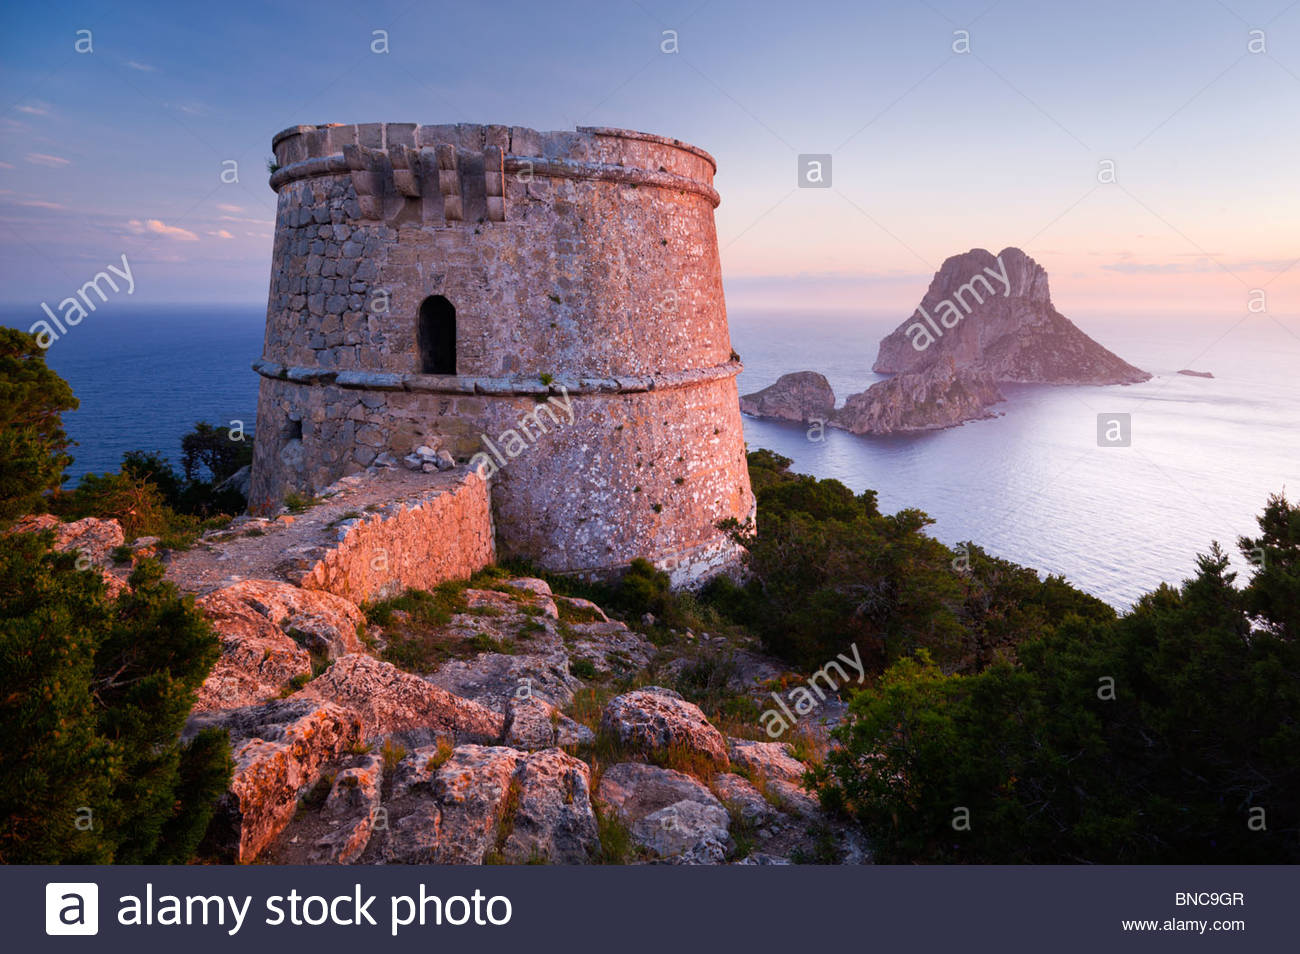 Torre des Savinar (auch bekannt als Torre del Pirata), und die Inseln Es Vedranell und Es Vedrá, Ibiza Spanien. Stockbild